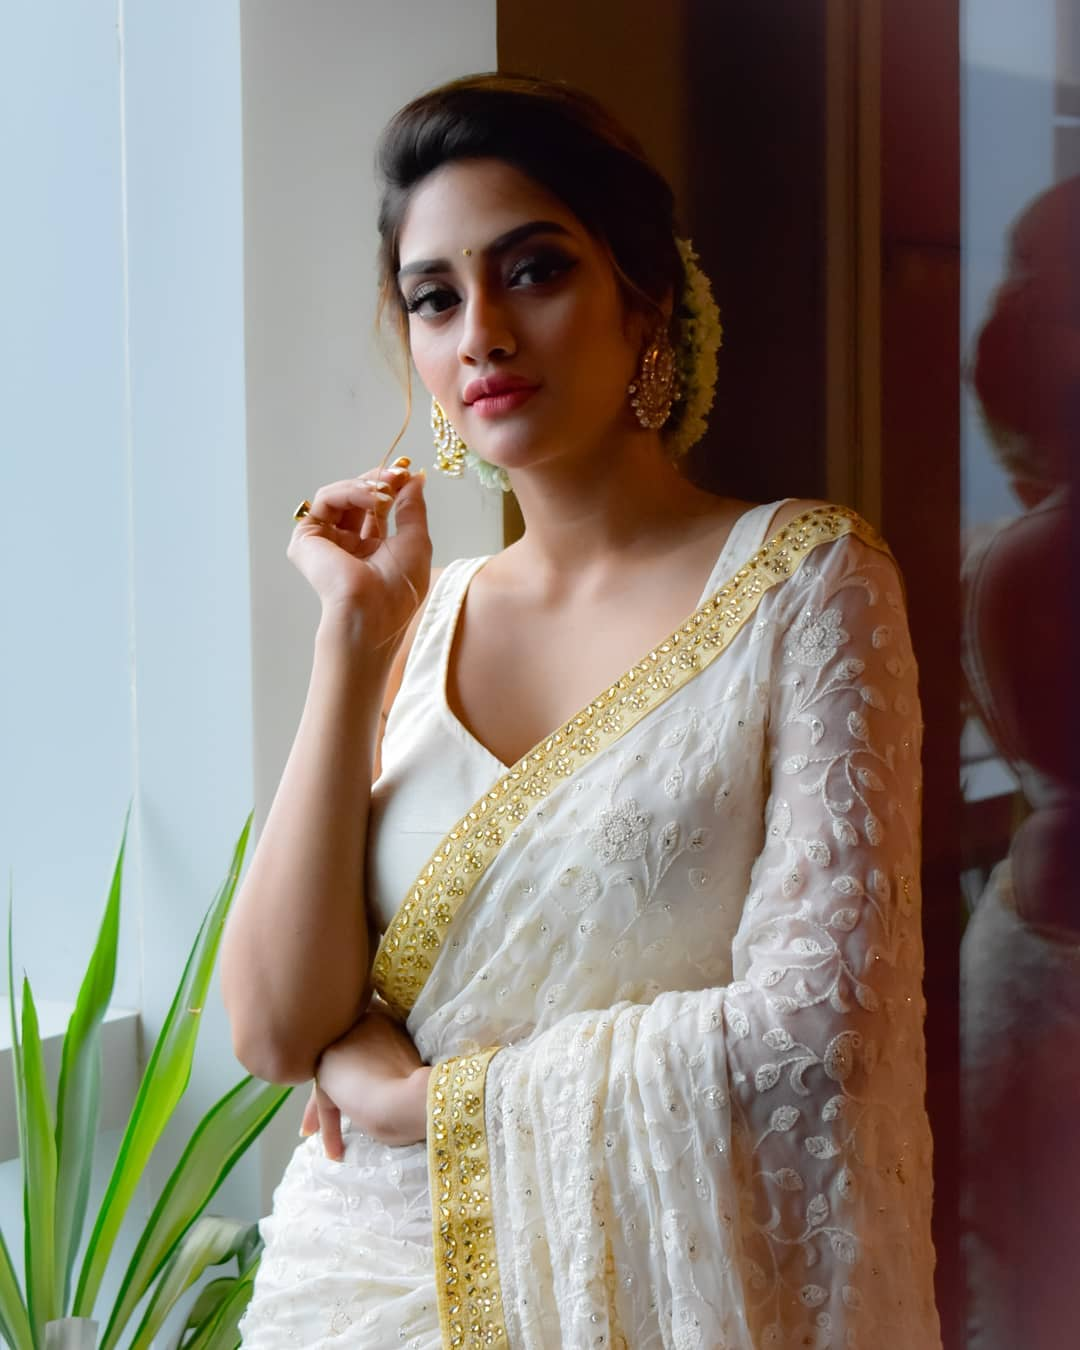 नुसरत जहाँ बंगाली सिने सृष्टीतील आघाडीची अभिनेत्री असून बॉलिवूड सेलिब्रिटींप्रमाणे नुसरत सुद्धा डेस्टिनेशन वेडिंग करणार आहे.